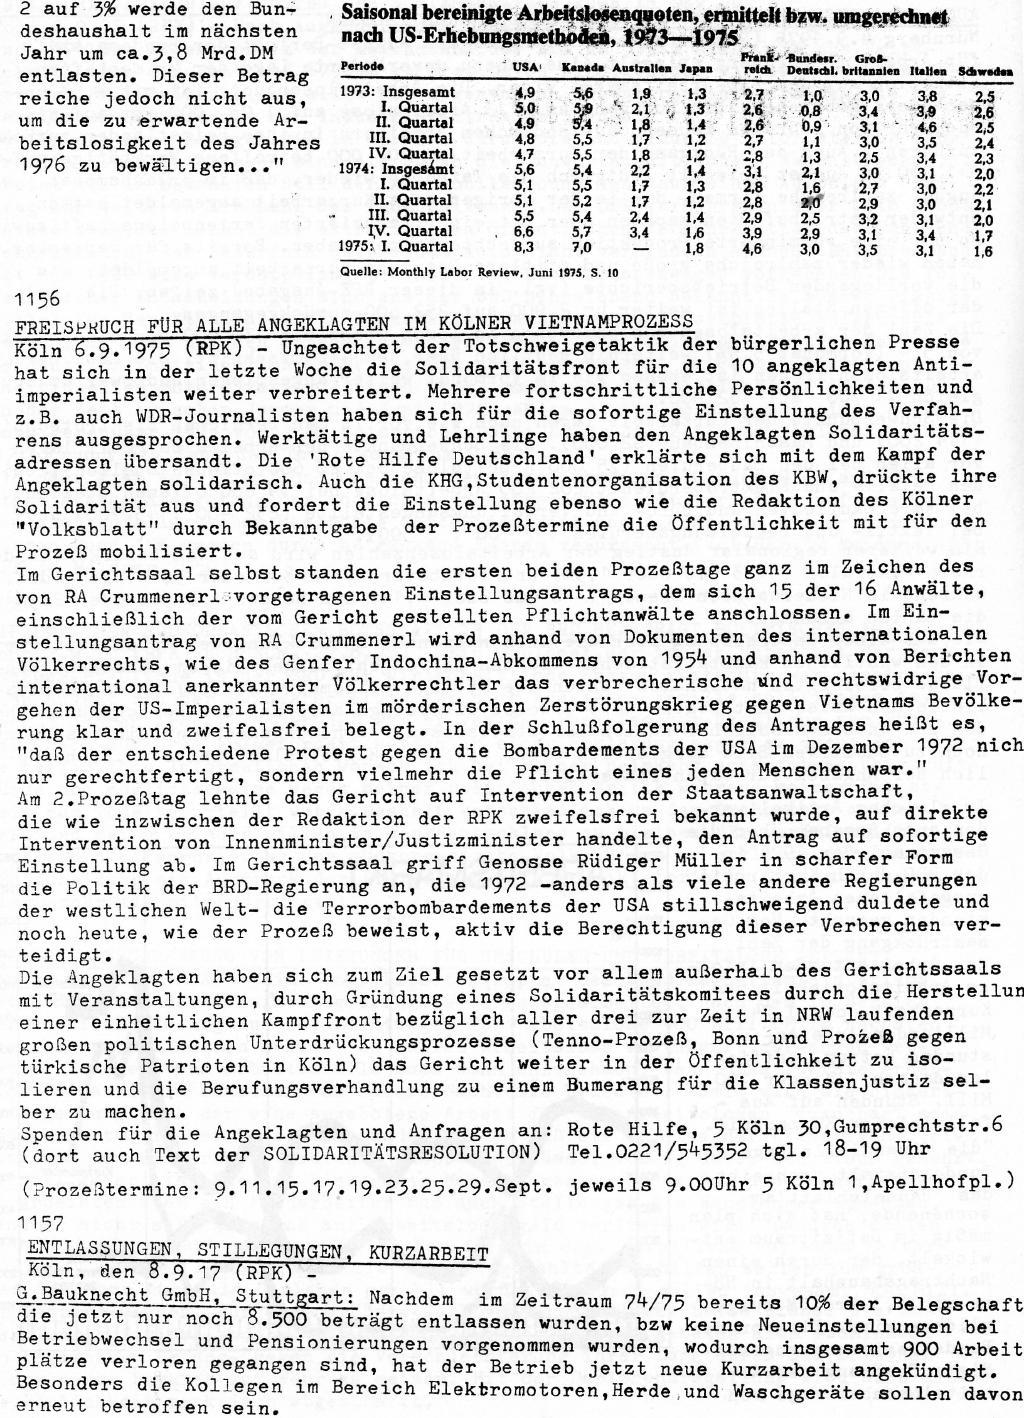 RPK_Pressedienst_1975_42_04